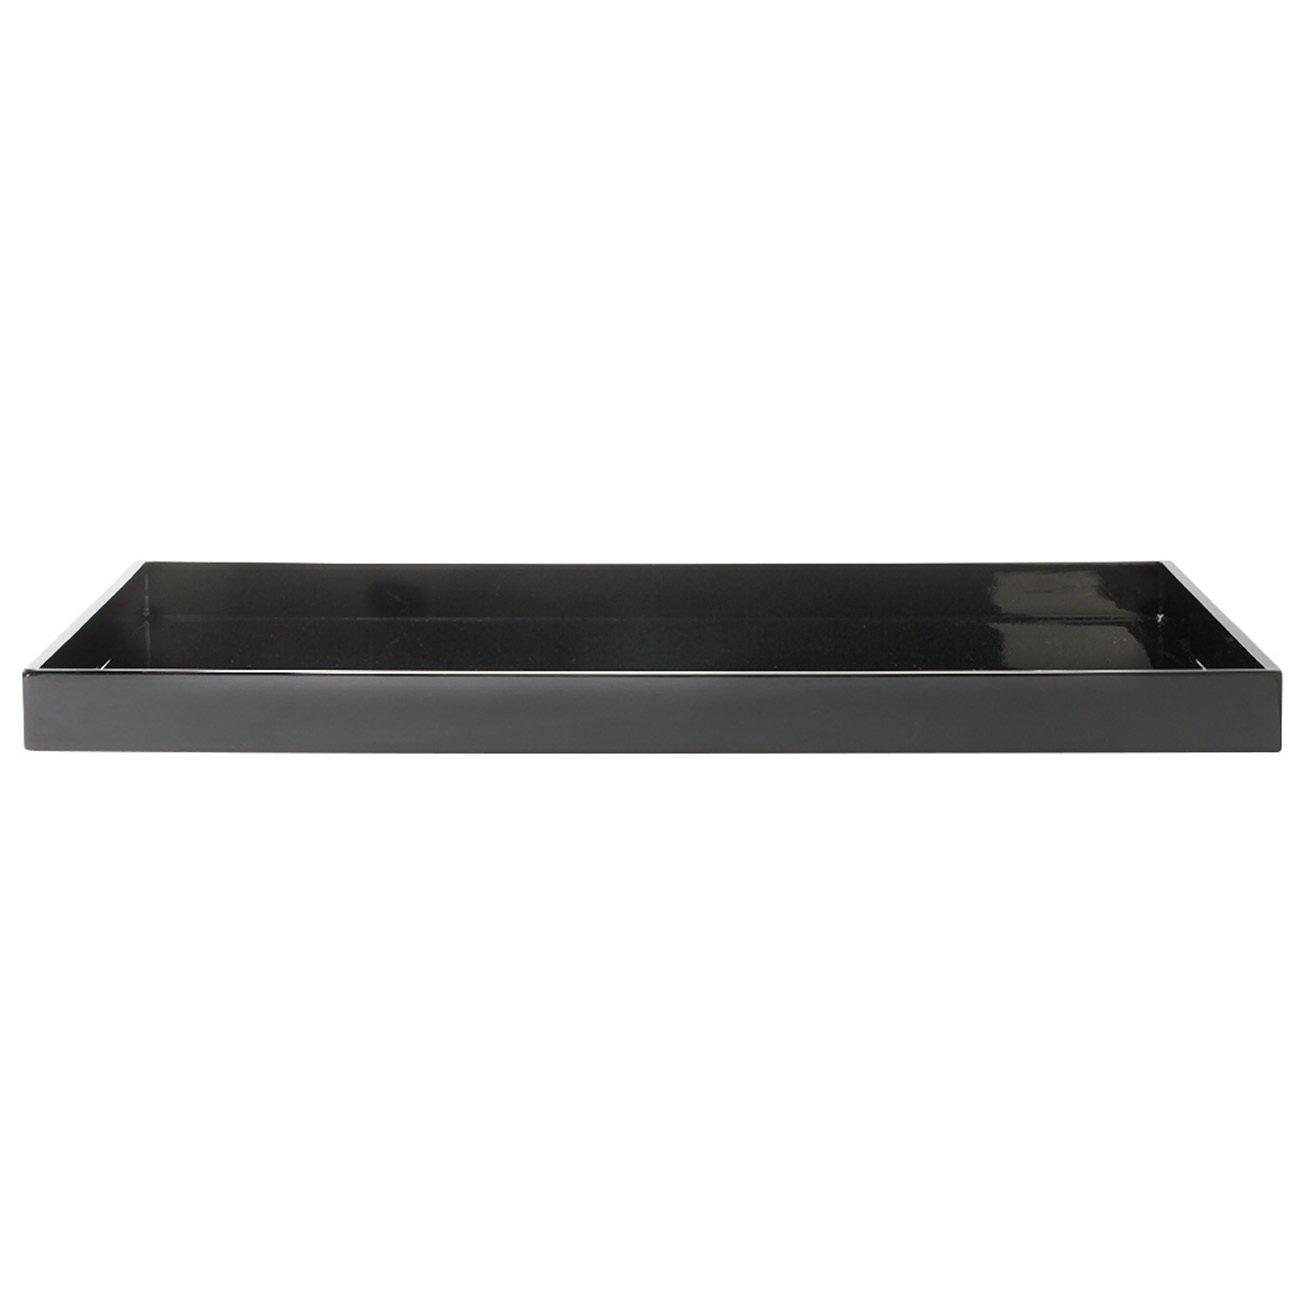 mojoo dänemark Lacktablett rechteckig XL, schwarz schwarz